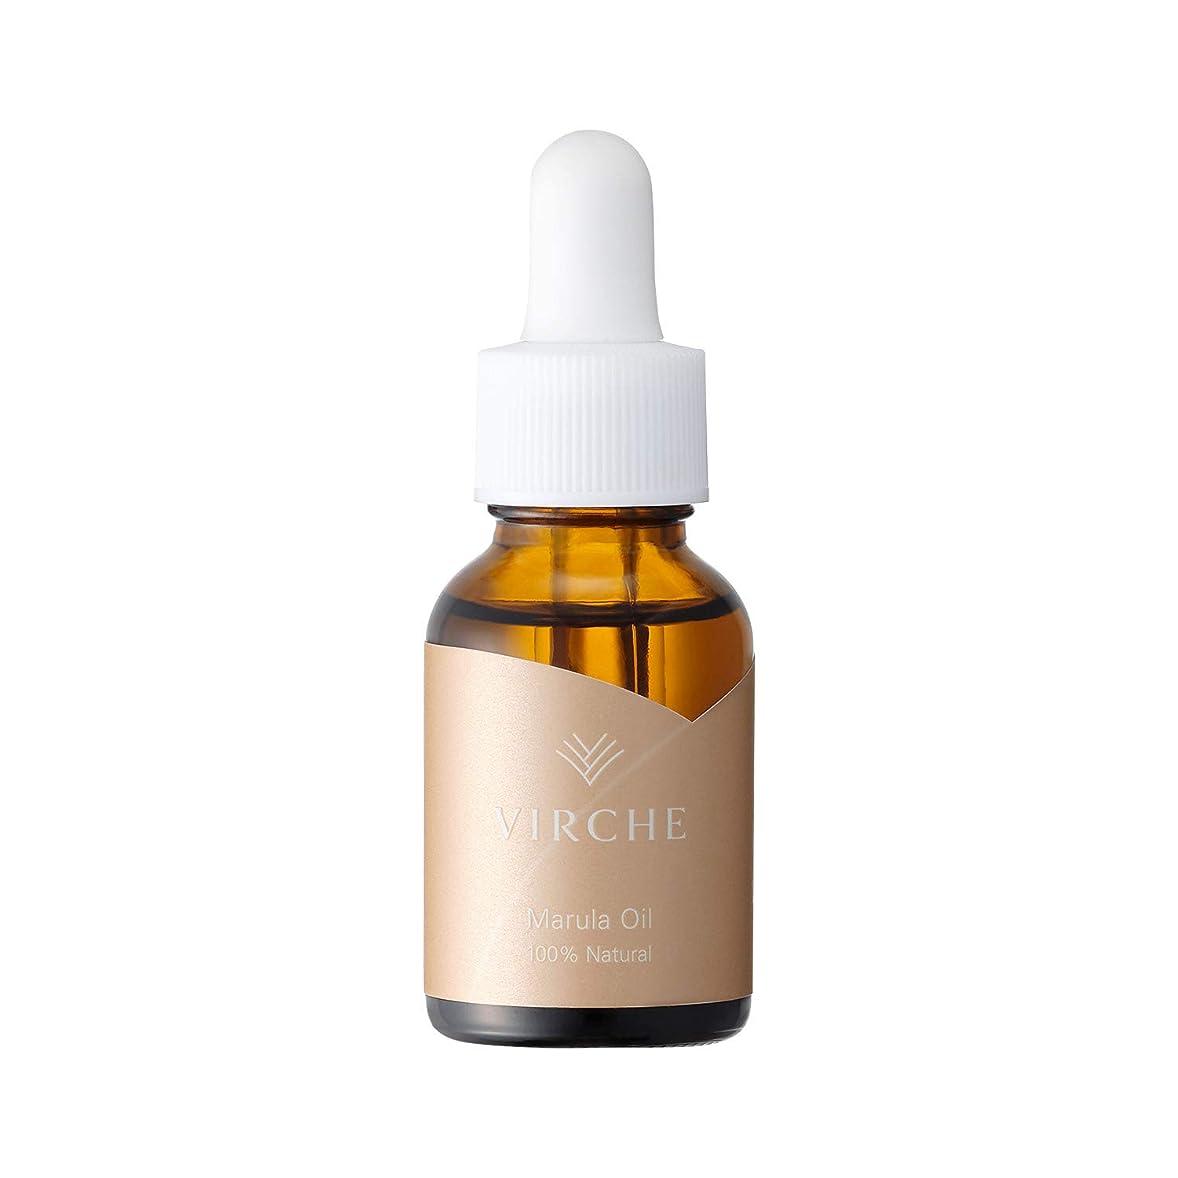 落ちた枯渇するデコレーションマルラオイル(Marula Oil)国内で品質管理/無香料/防腐剤、香料、着色料すべて無添加の美容オイル/18ml(髪など全身に使えて約30日分)